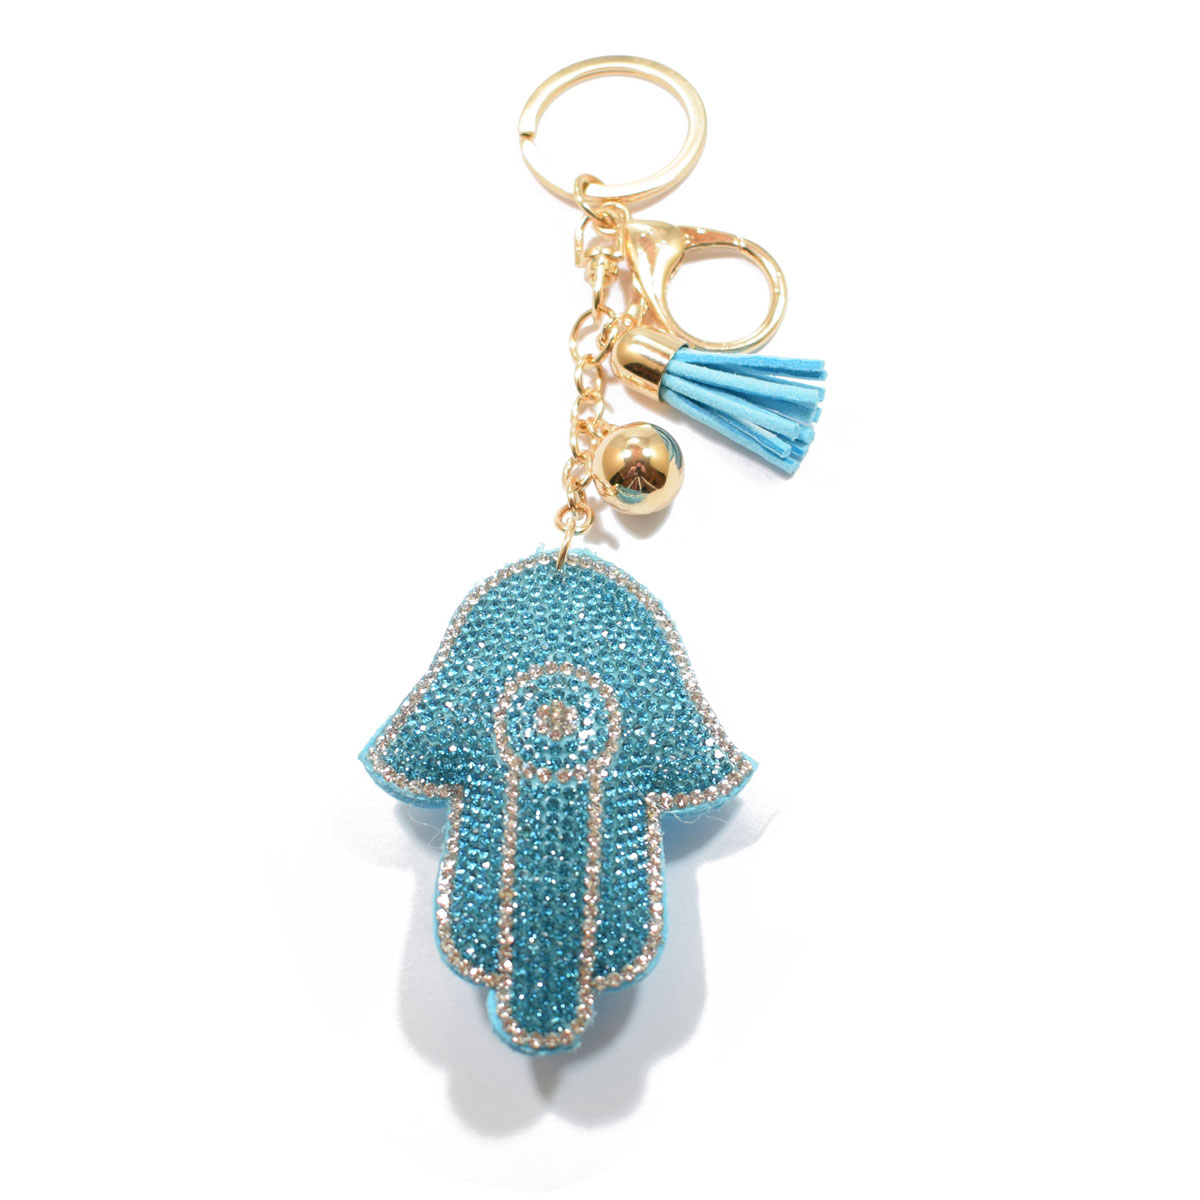 Μπρελόκ φο μπιζού (faux bijoux) Χάμσα - χέρι της Φατιμά σε τιρκουάζ χρώμα  με κρυστάλλους (BZ-KC-00011) bb58d9bad6a